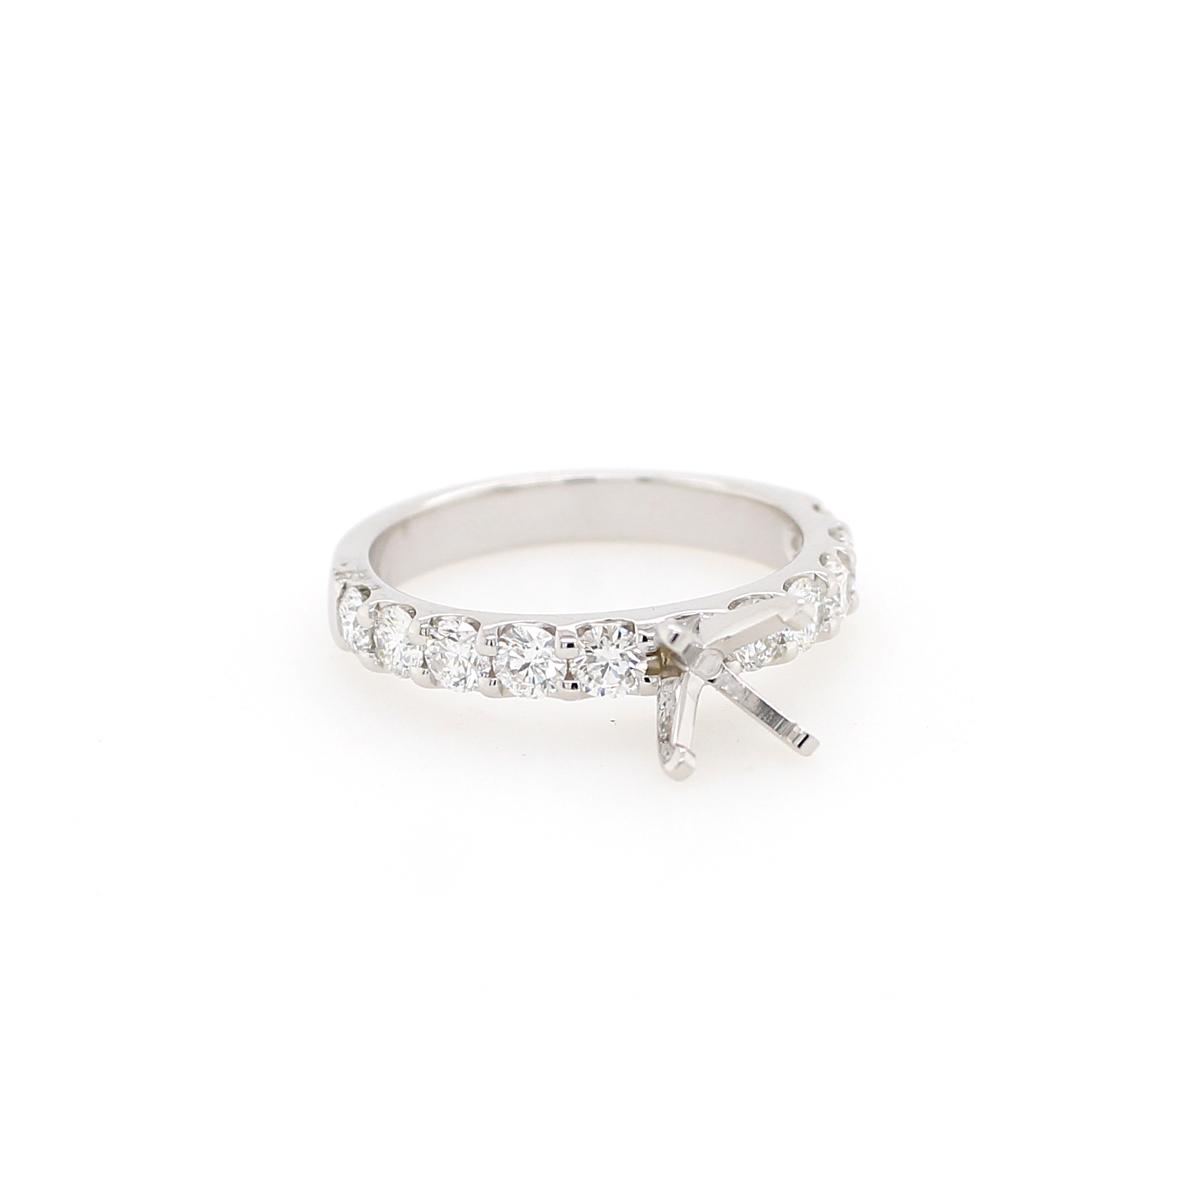 14 Karat White Gold 1 Carat Diamond Semi-Mount Engagement Ring